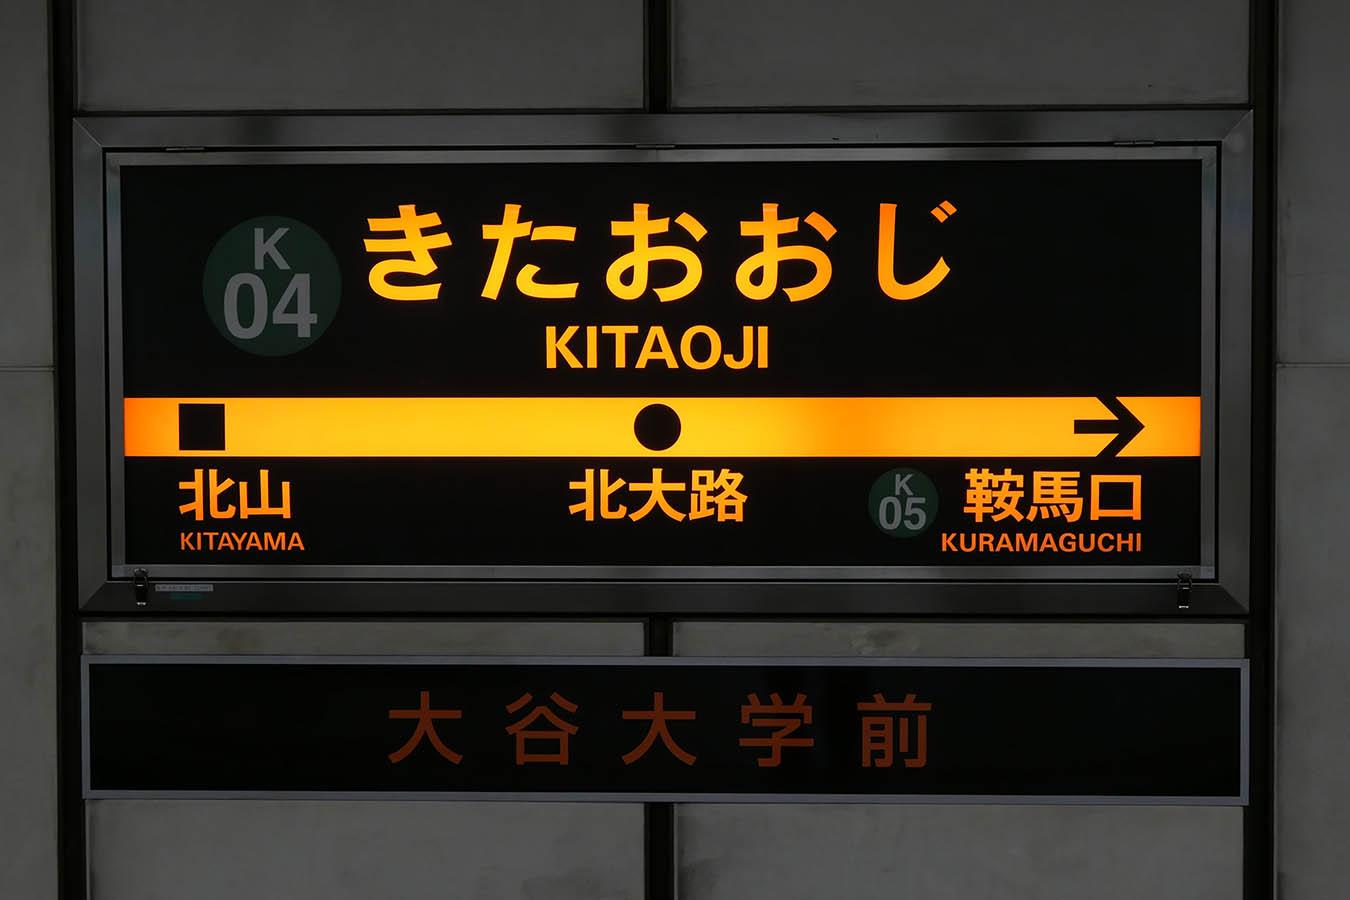 K04_photo04.jpg